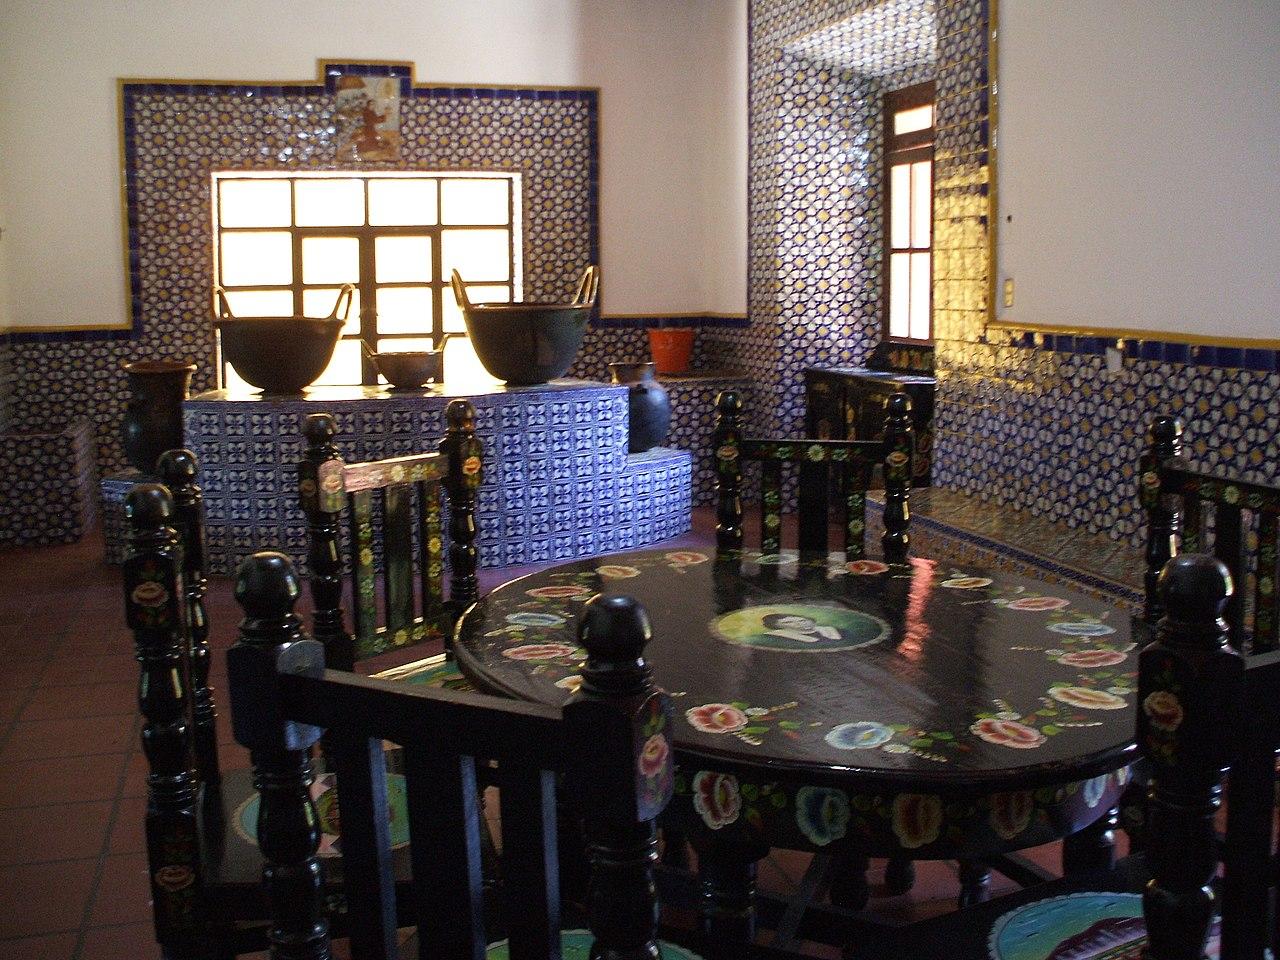 Licenciatura Decoracion De Interiores Puebla ~ File Ex Hacienda de Chautla, San Mart?n Texmelucan Puebla Comedor jpg